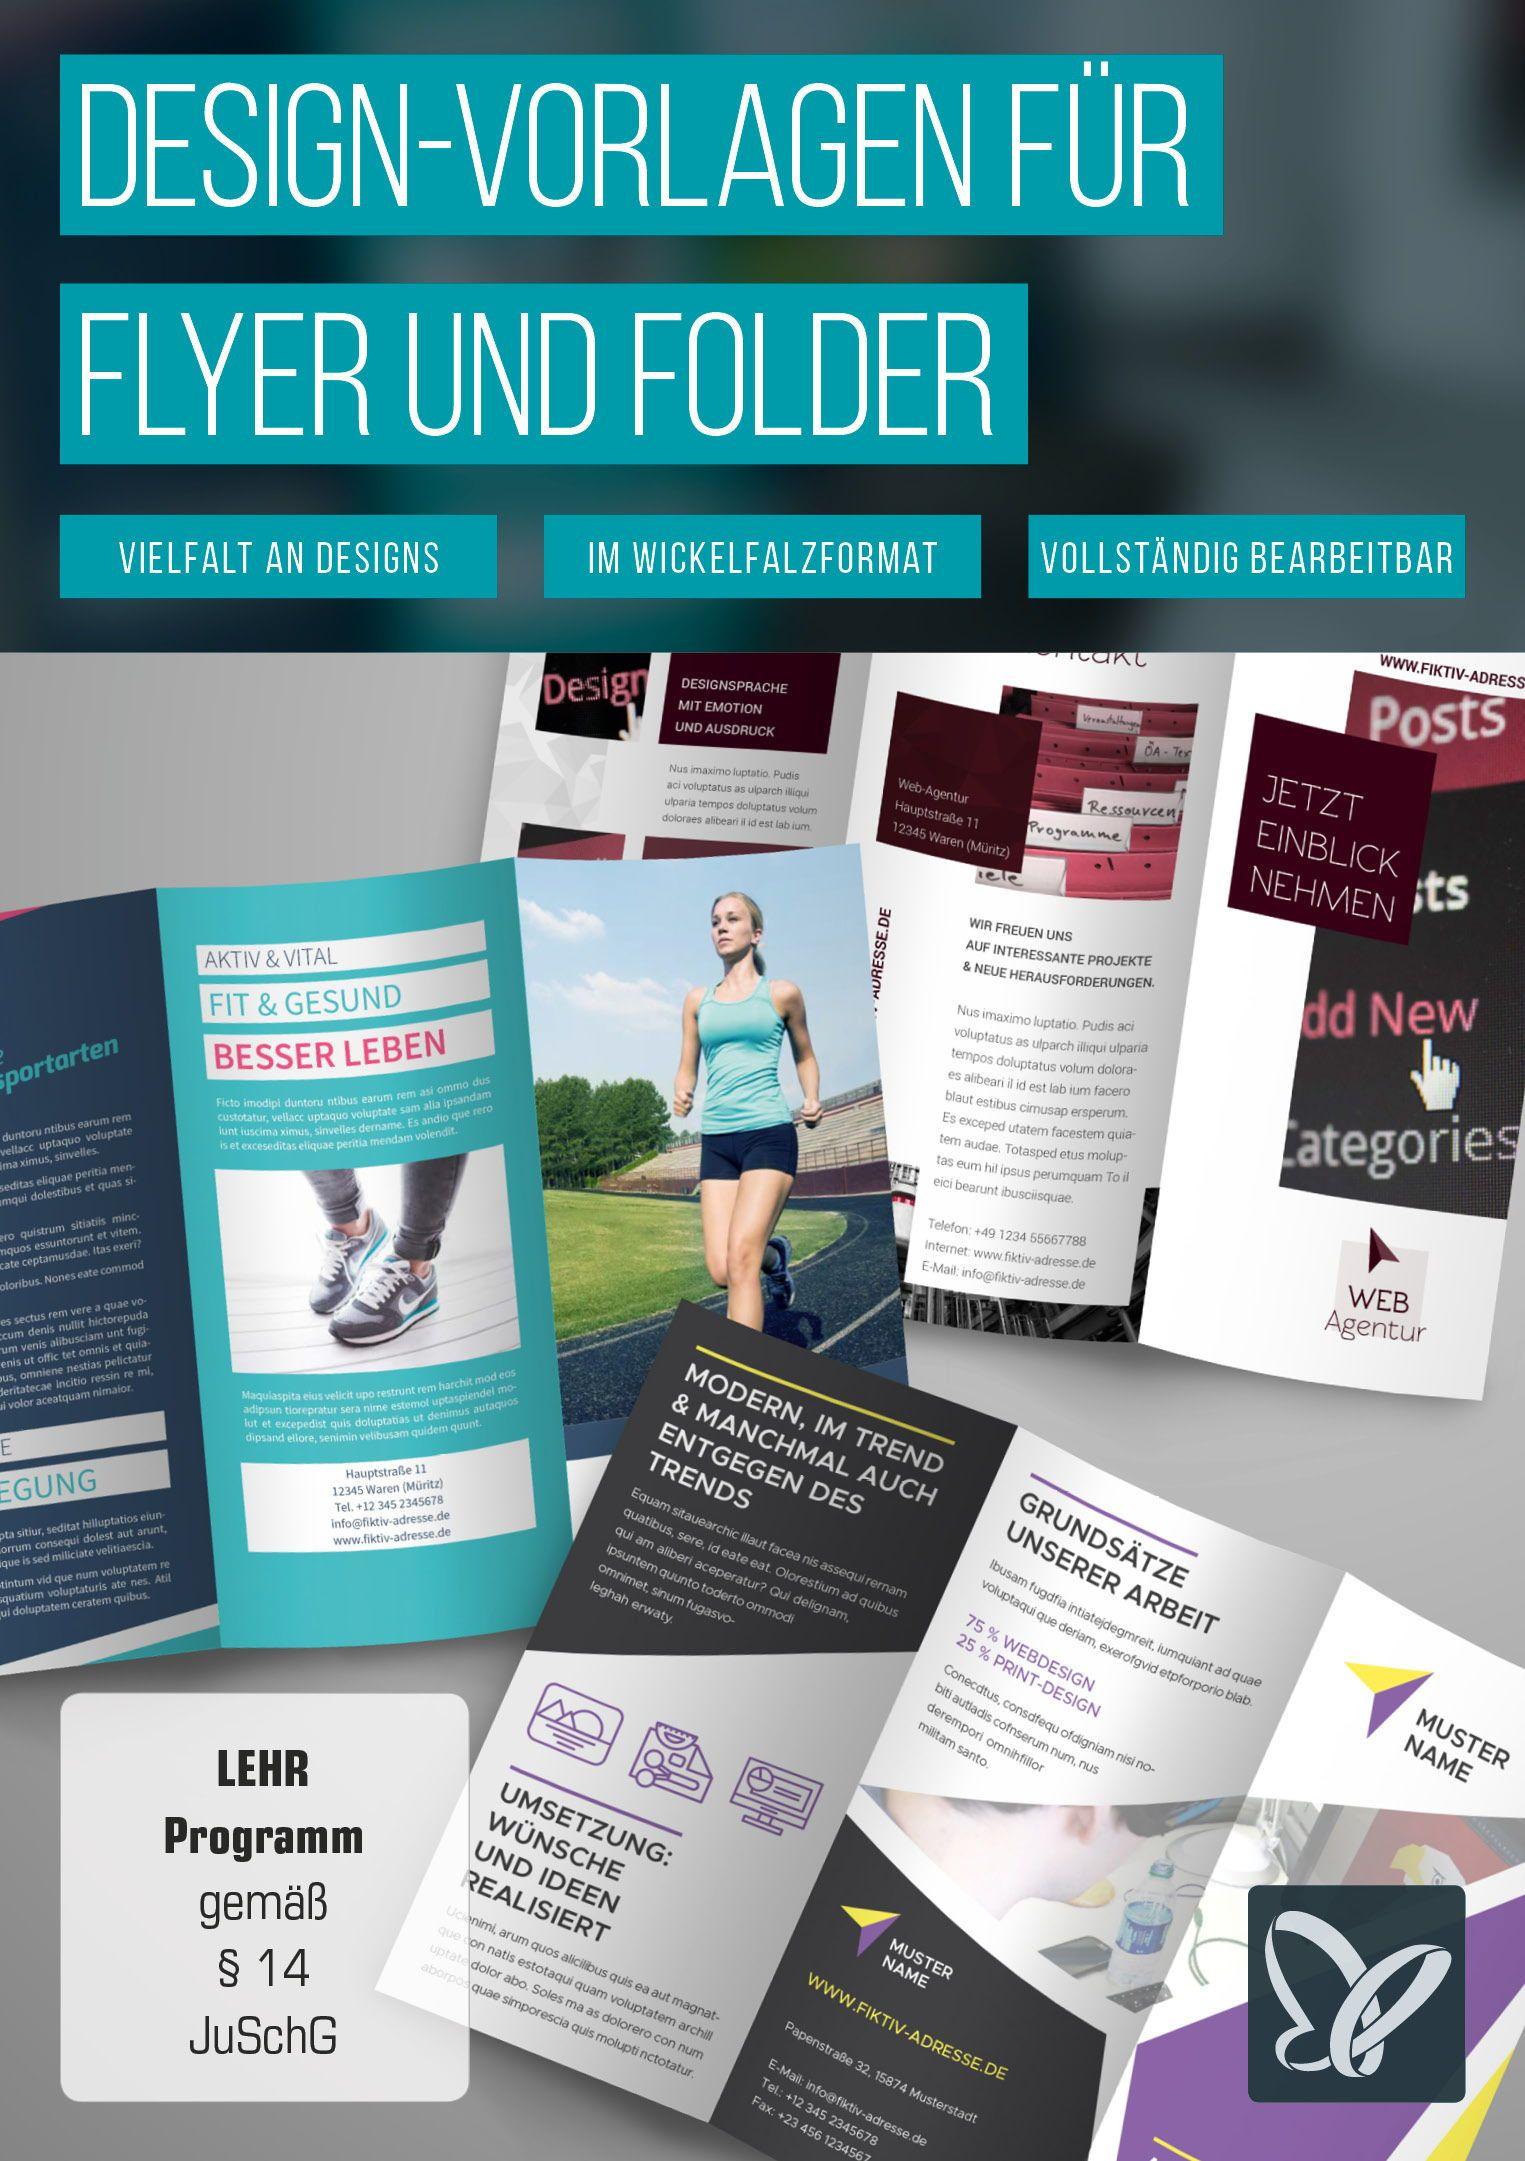 Flyer Und Folder Gestalten Fertige Design Vorlagen Herunterladen Flyer Gestalten Flyer Vorlagen